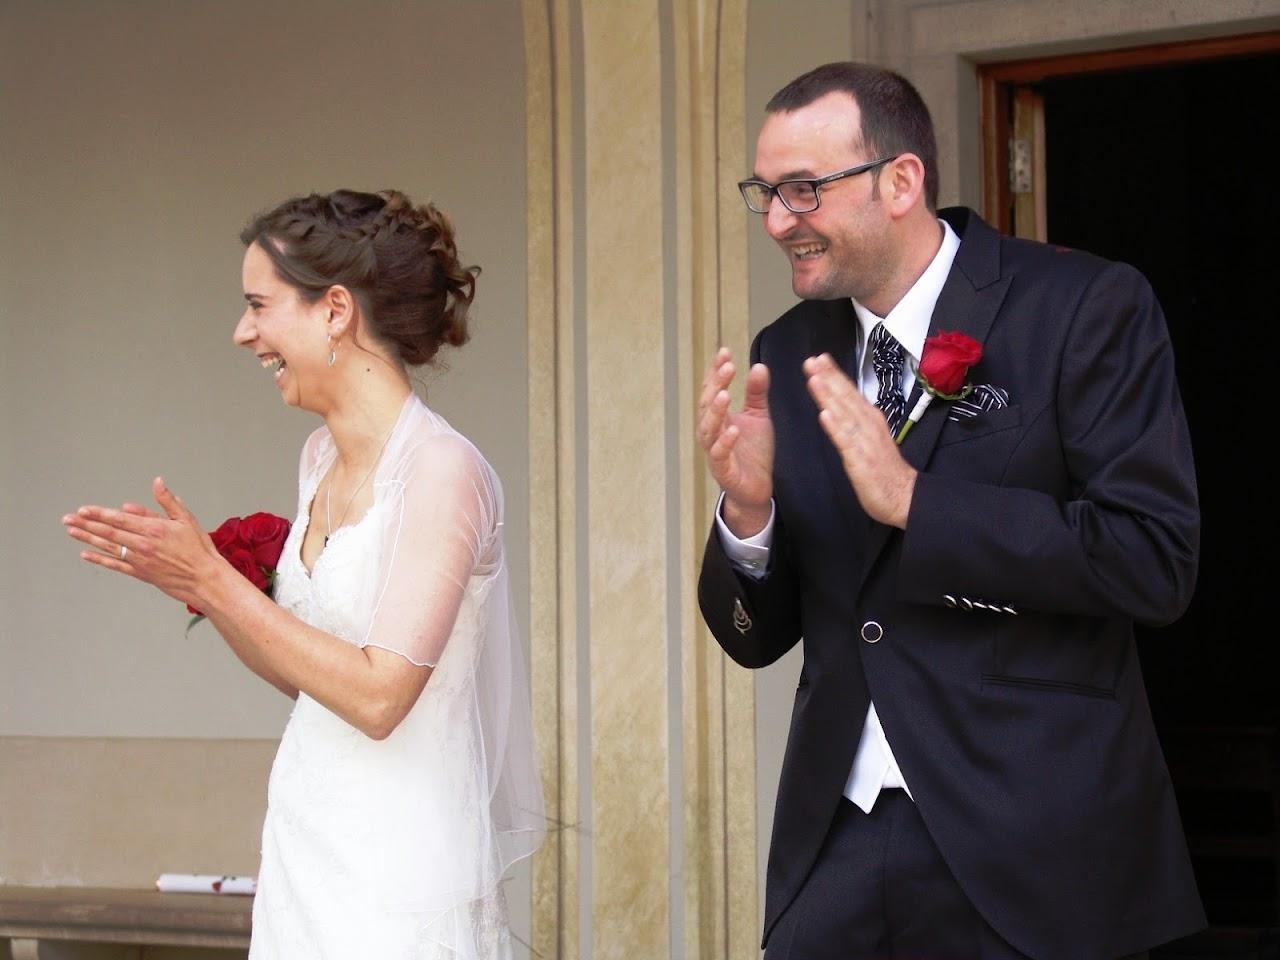 Boda Anna i Franqui 26-04-2014 - DSC08298.JPG